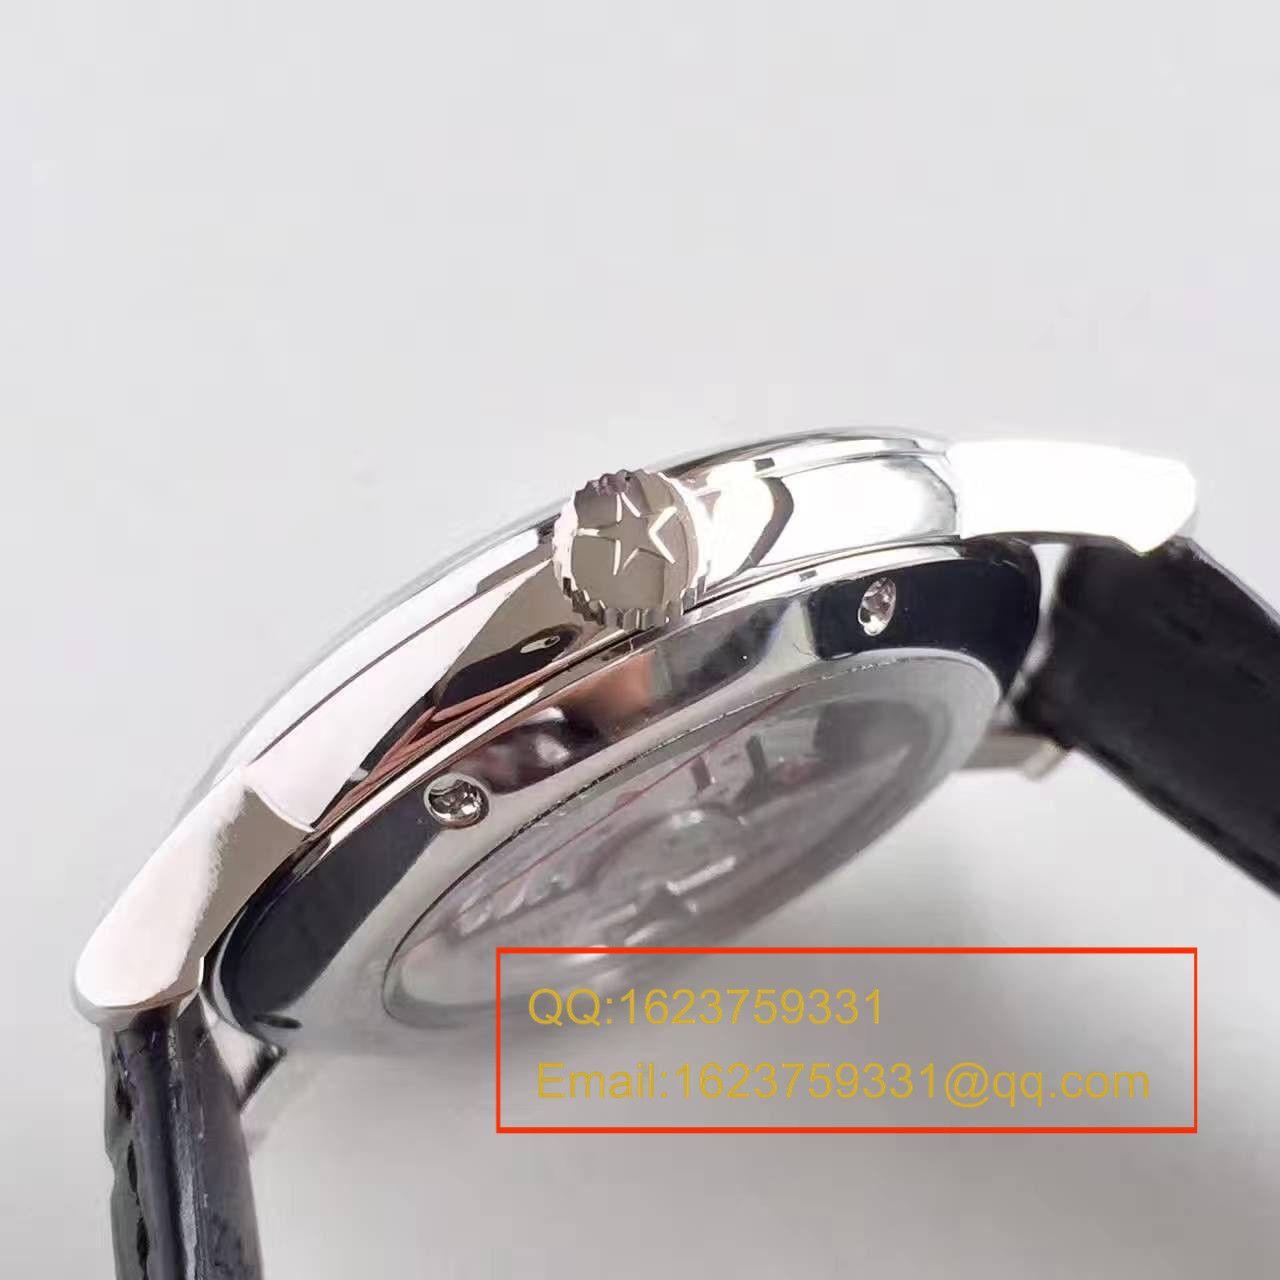 【ND厂1:1复刻手表】真力时ELITE系列03.2272.6150/51.C700腕表 / ZSL028